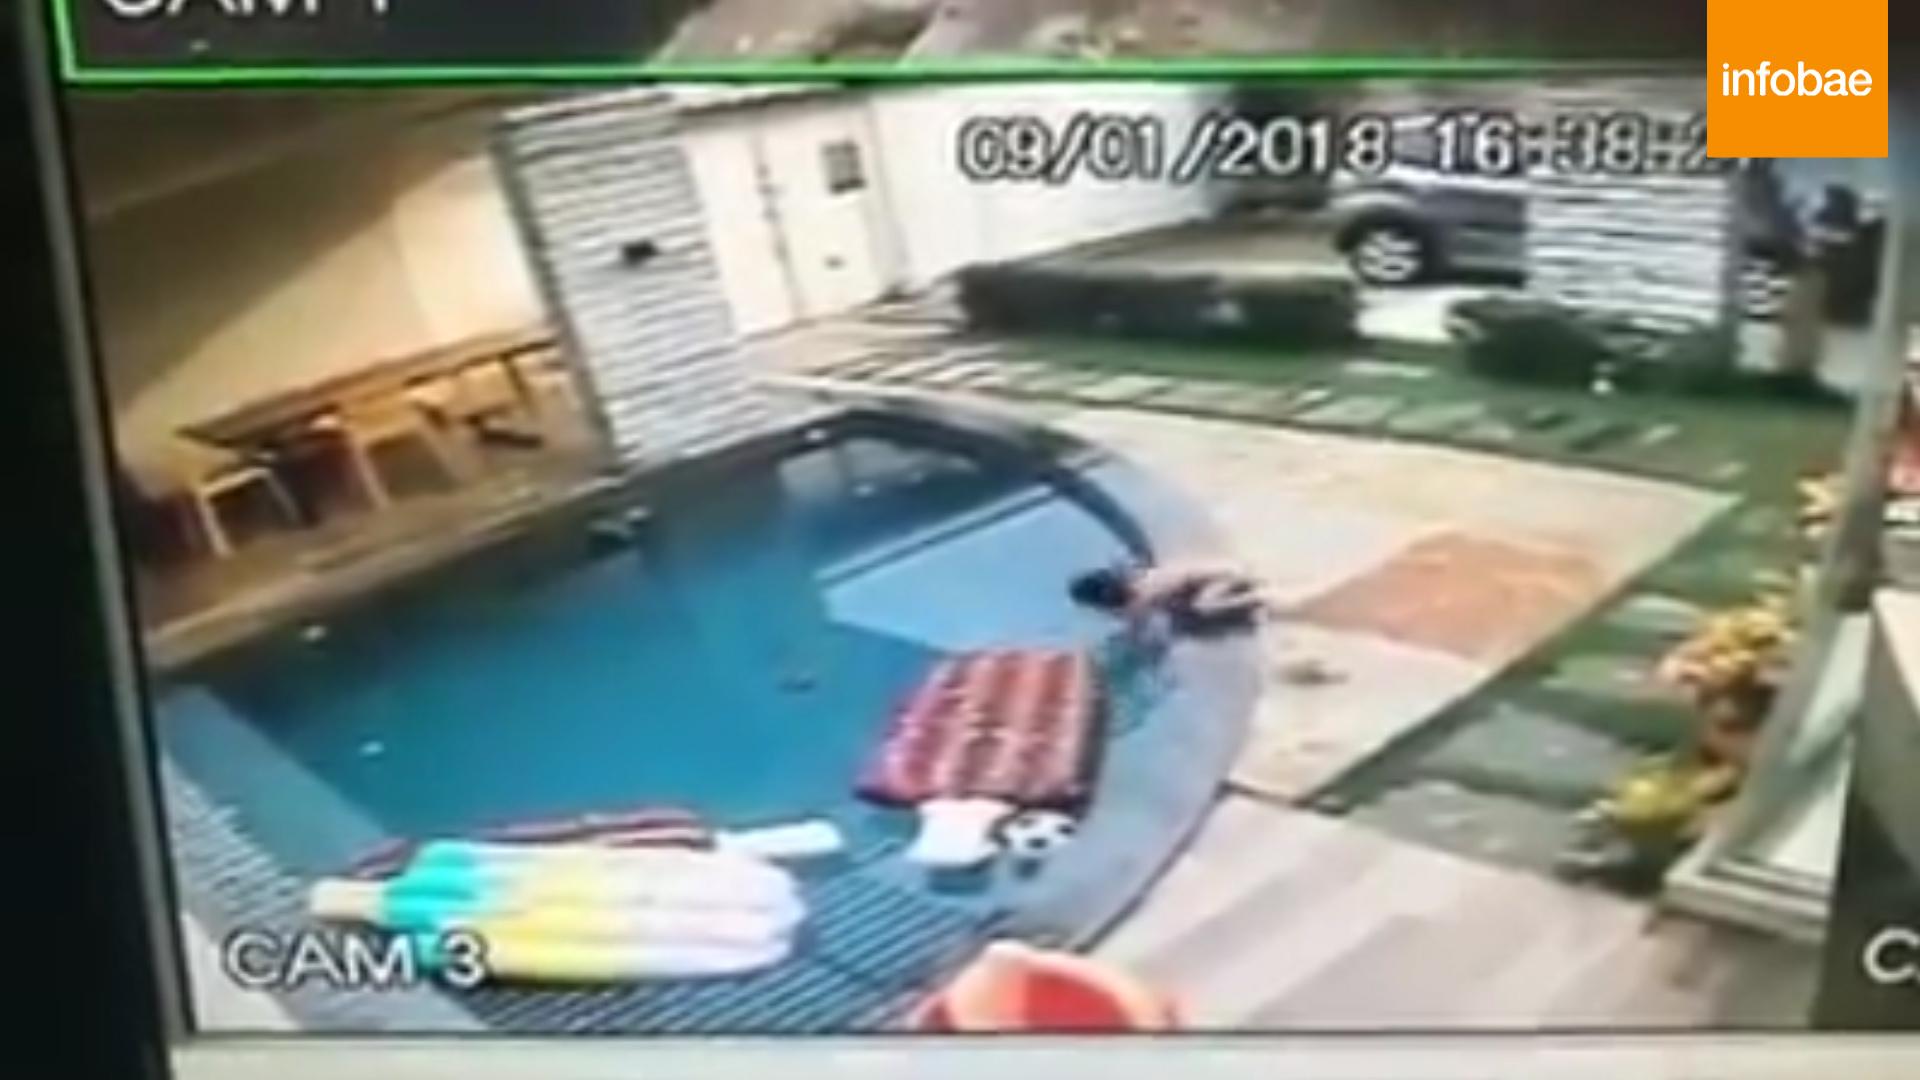 El niños de 2 años se acercó a la piscina y se cayó al agua